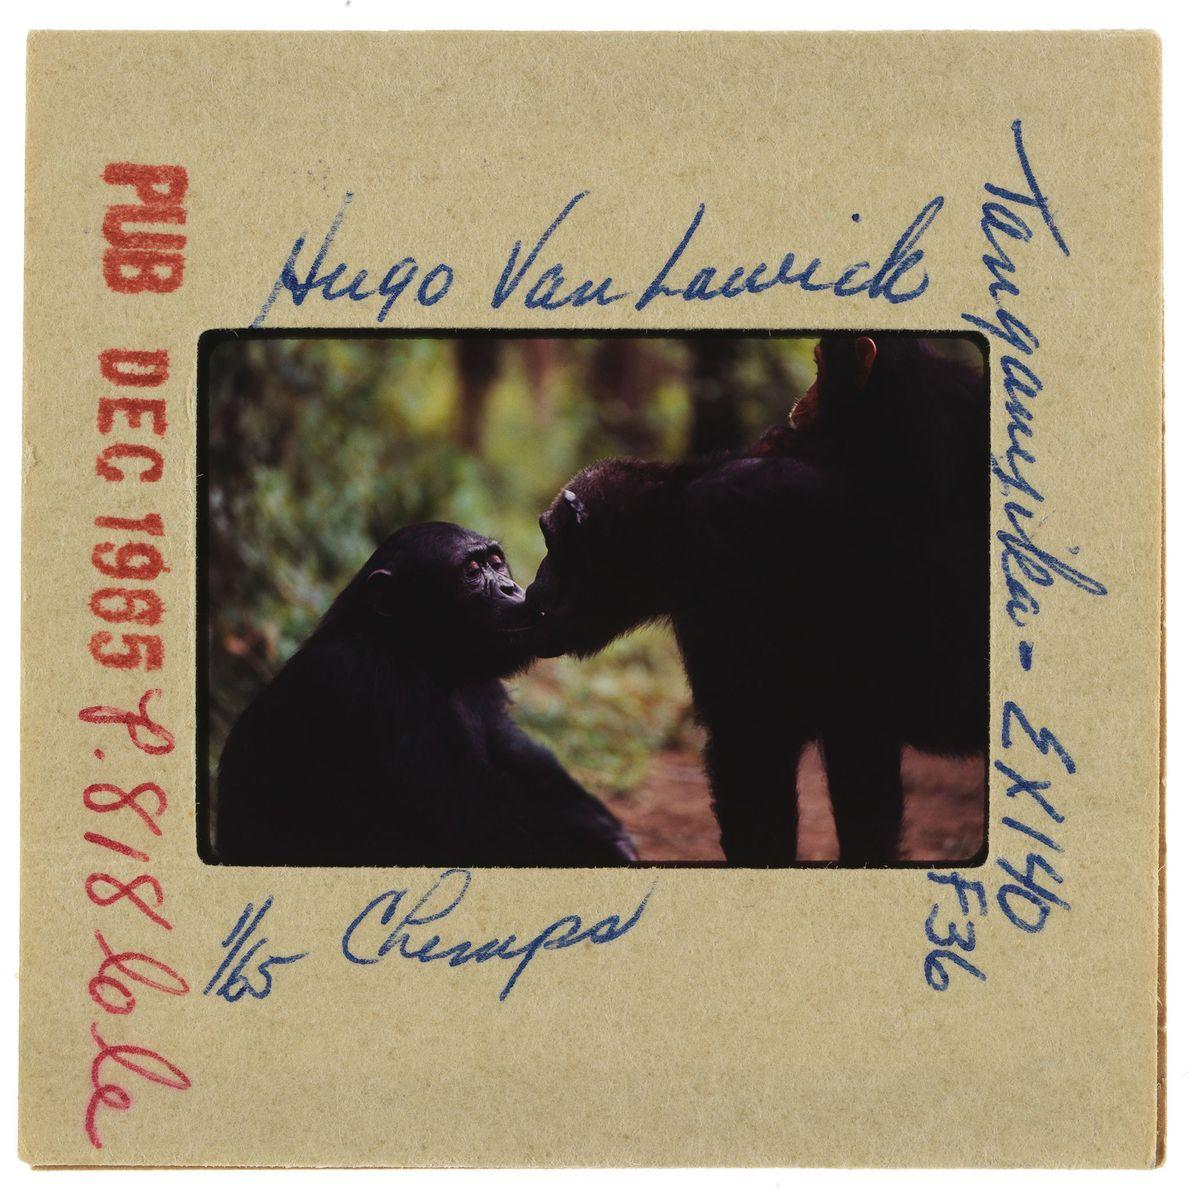 Un gros plan de deux chimpanzés qui s'embrassent.